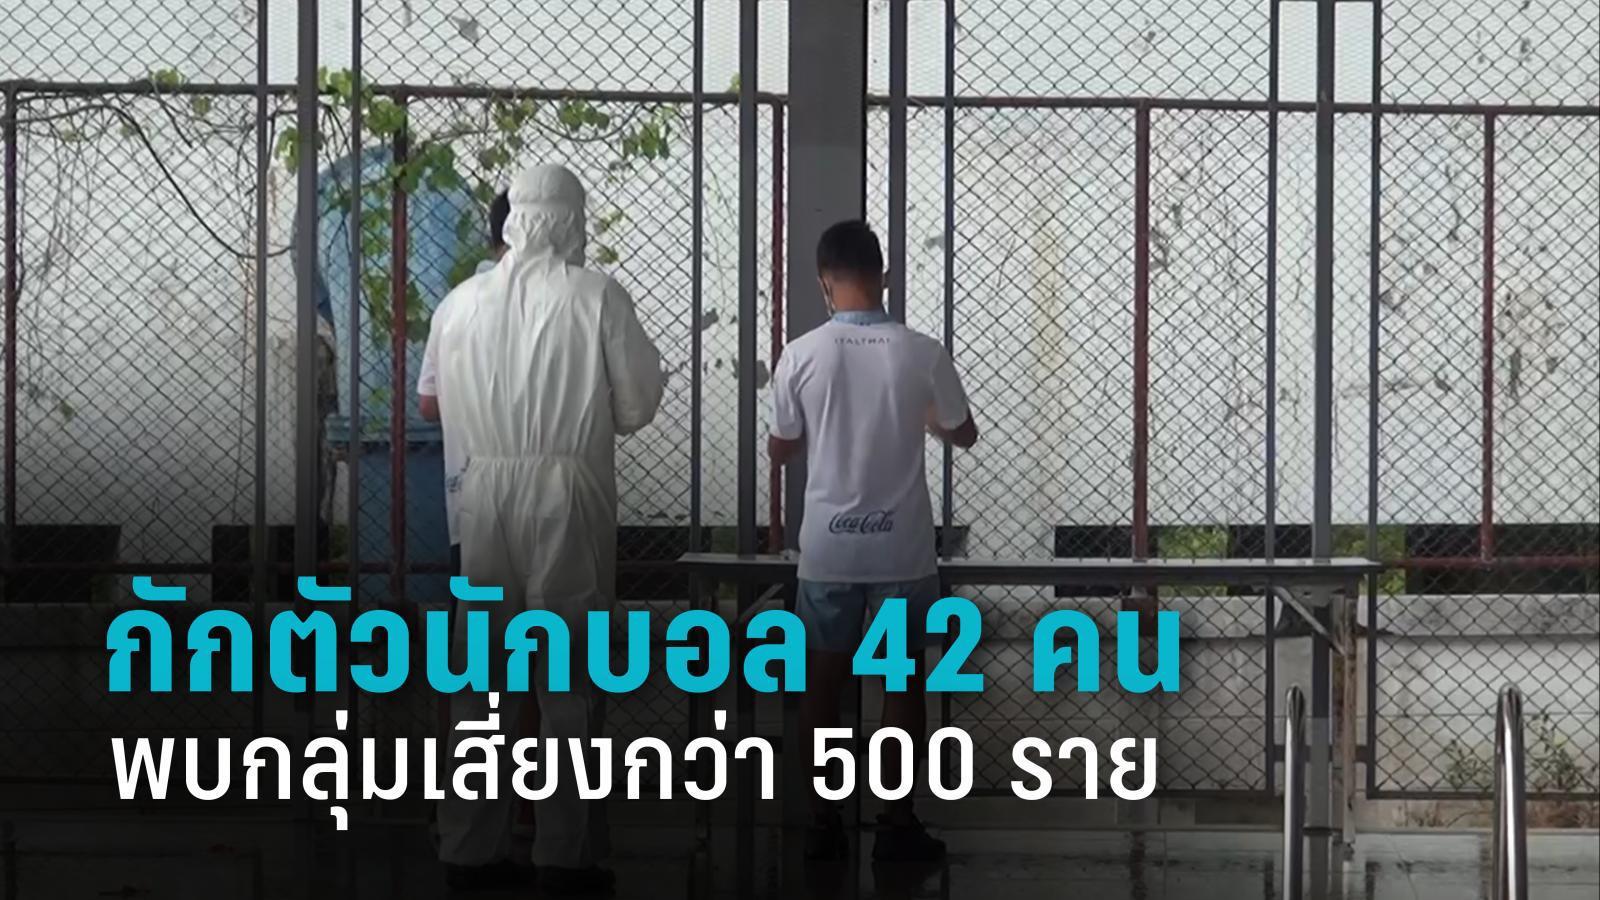 บุรีรัมย์ กักตัวนักเตะ 42 คน พบกลุ่มเสี่ยงกว่า 500 ราย